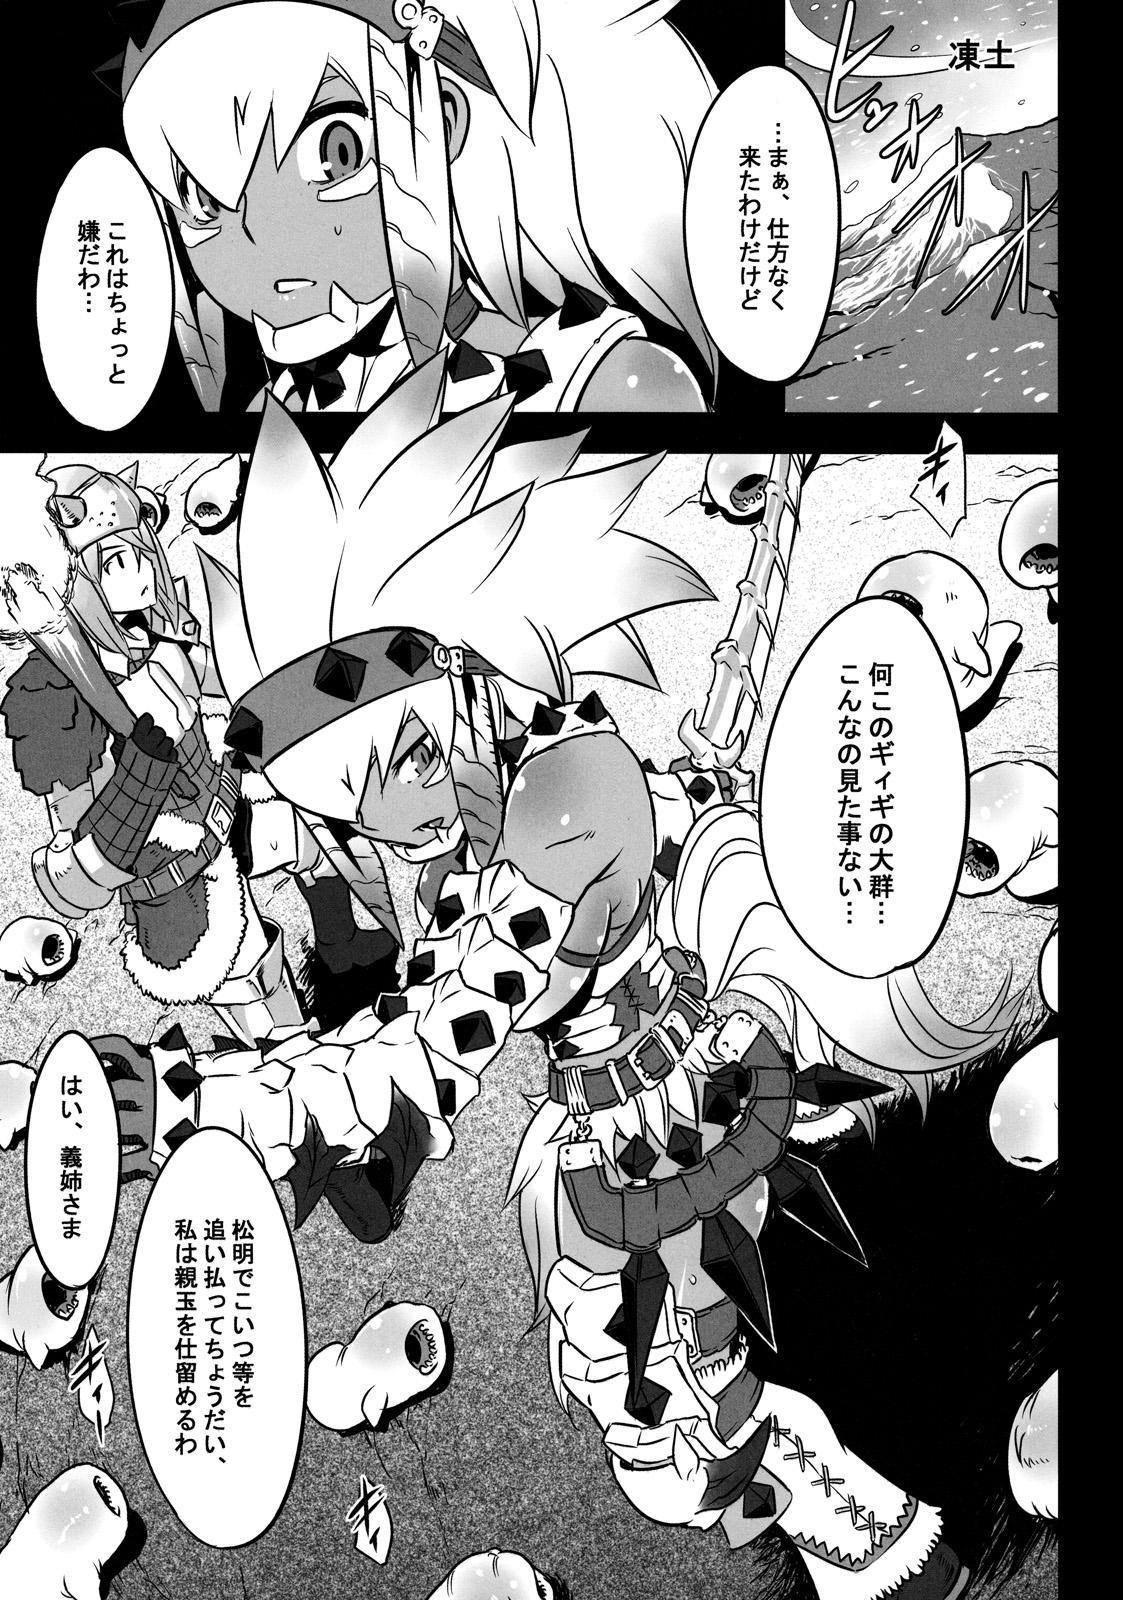 Hanshoku Nebura 10